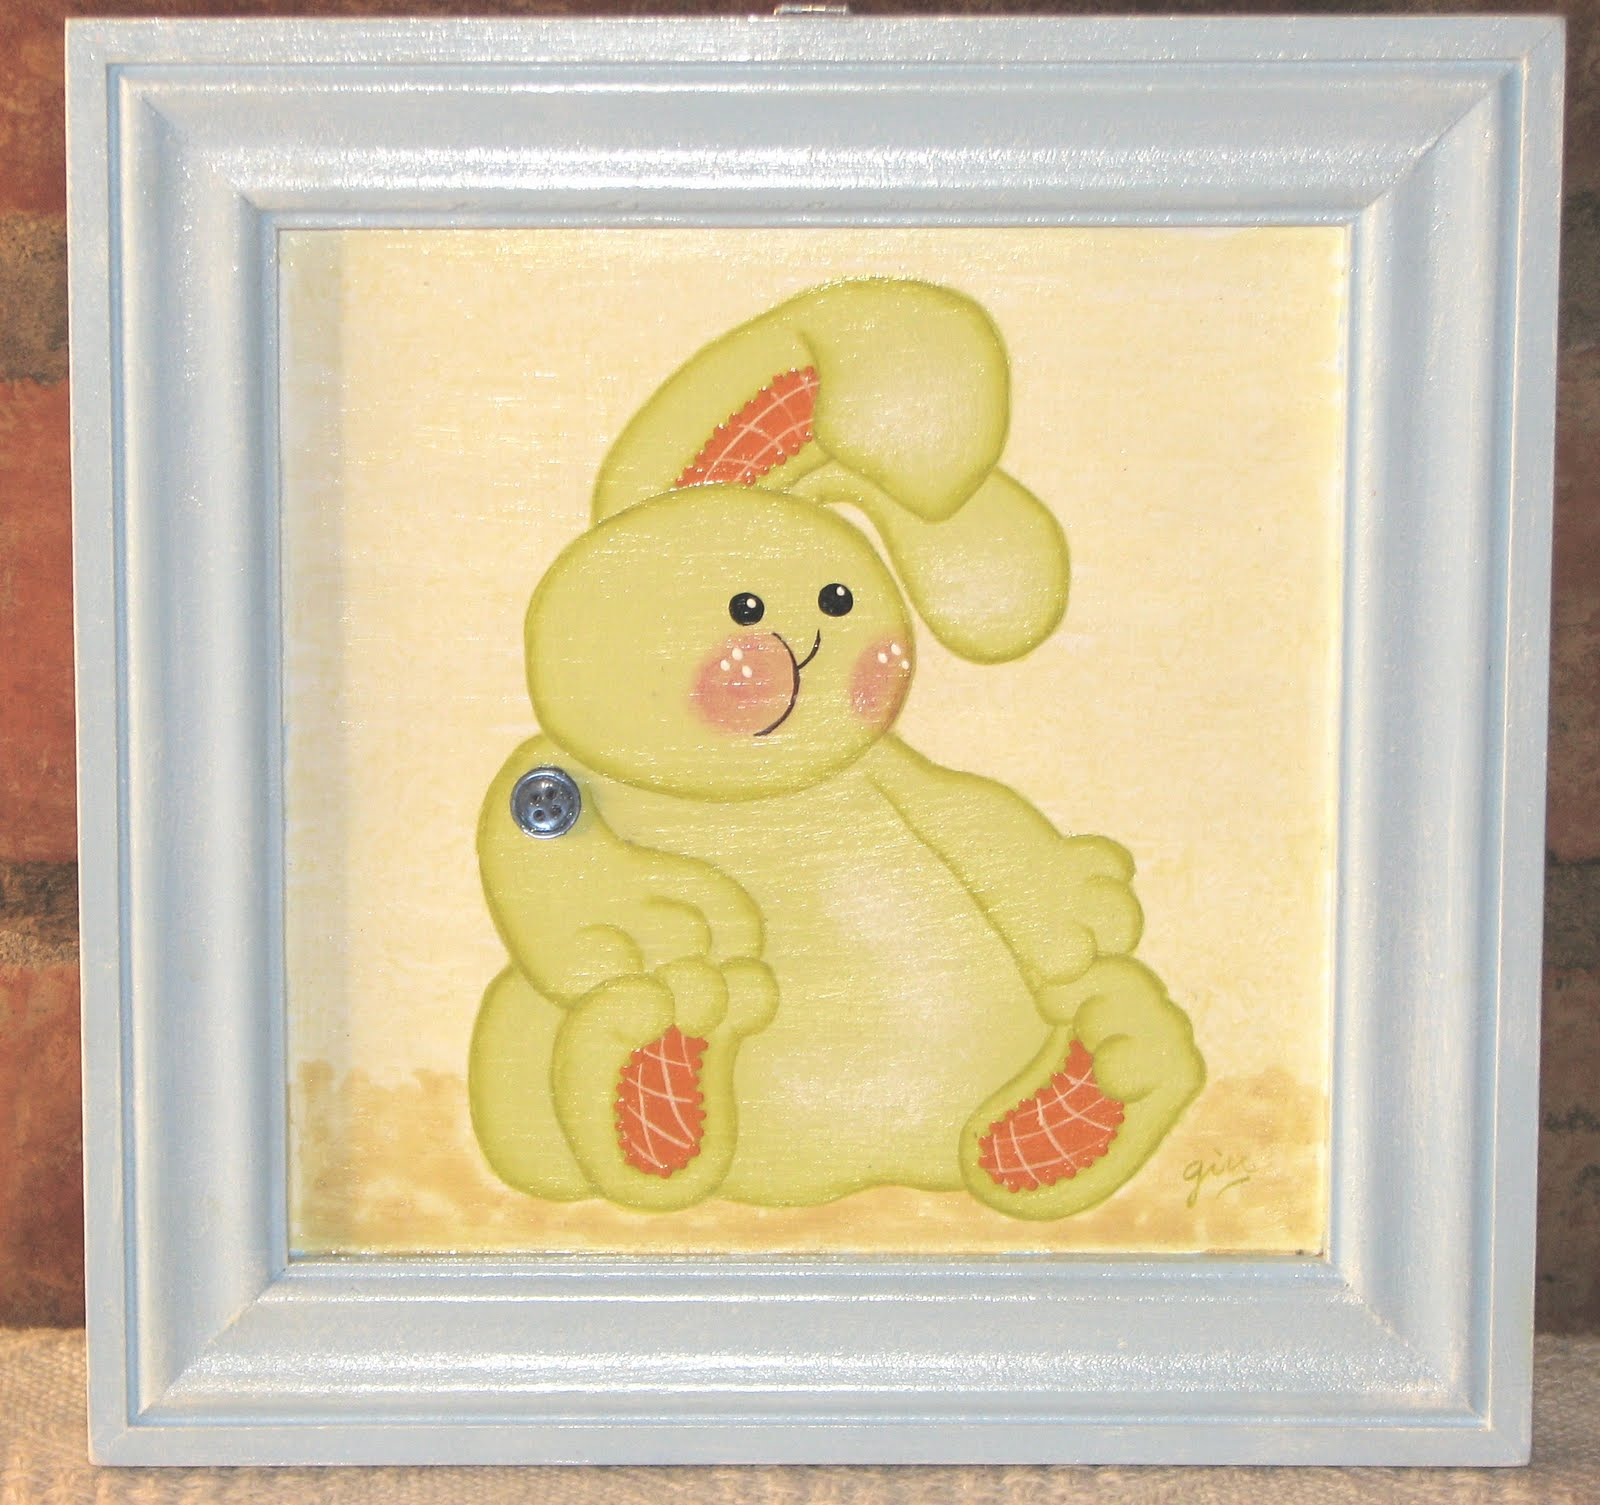 De cuadros personalizados para bebes y ninos cuadros con - Cuadros decorativos para ninos ...